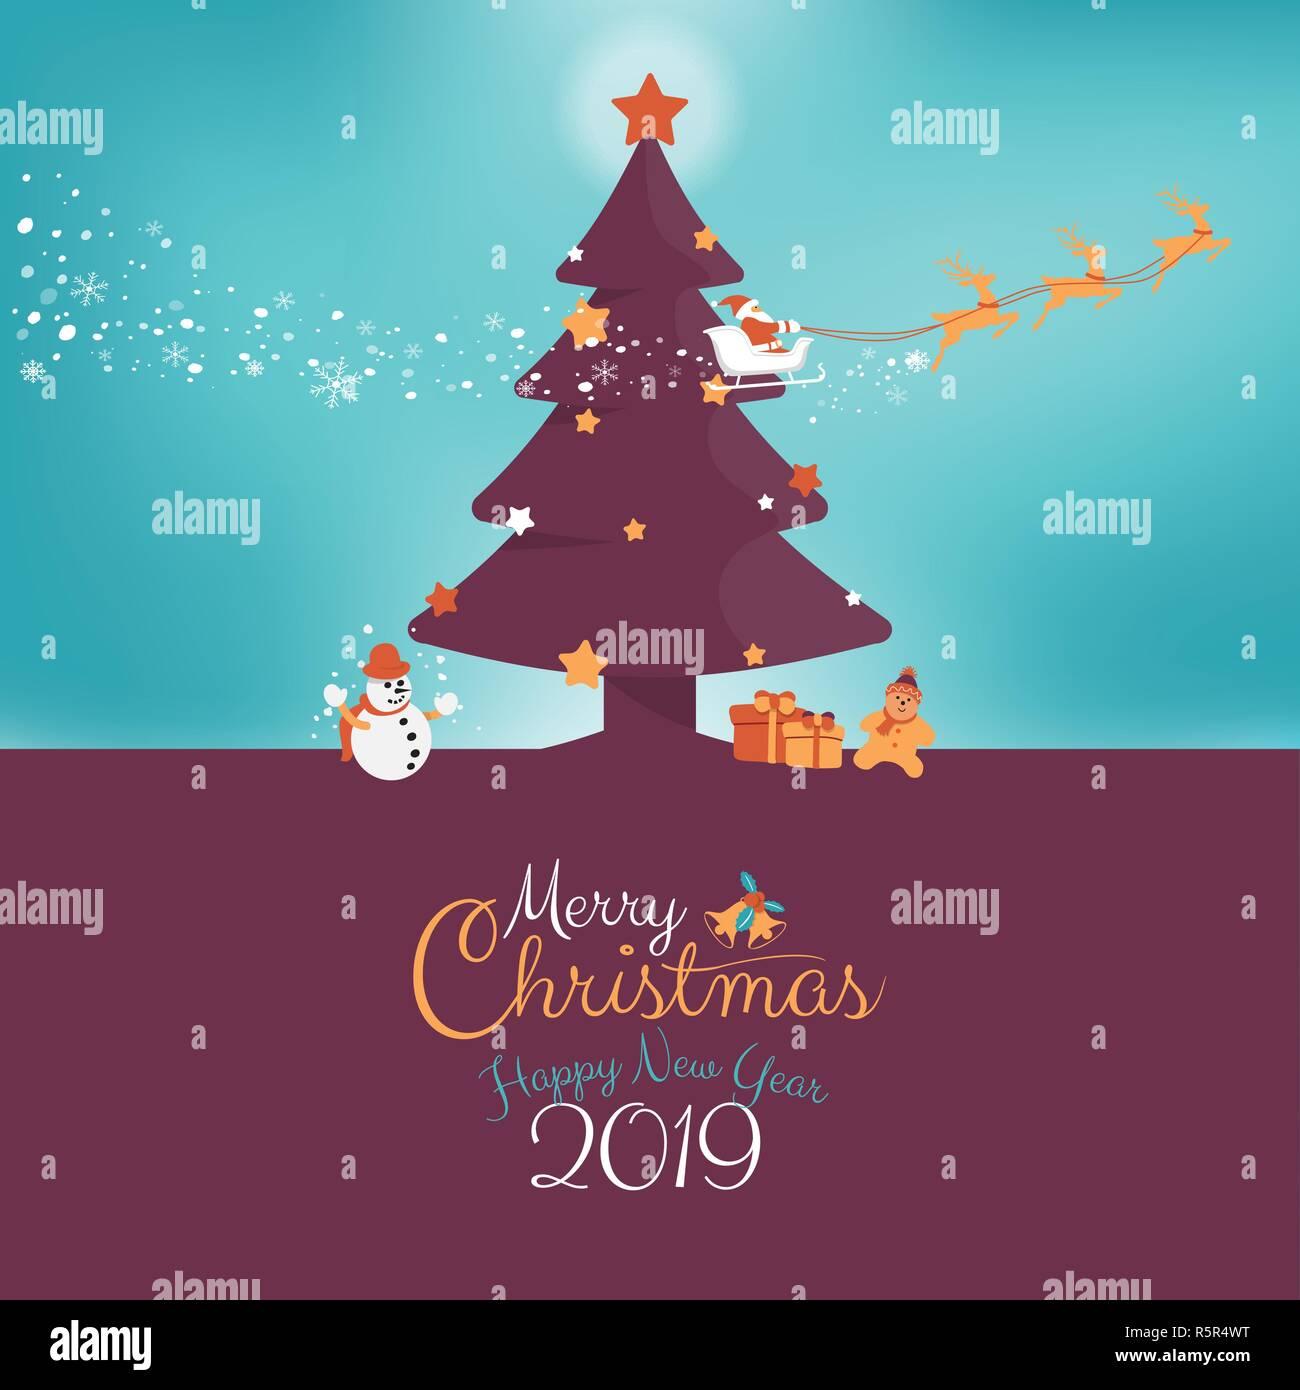 Weihnachten Urlaub 2019.Frohe Weihnachten Und Ein Glückliches Neues Jahr 2019 Urlaub